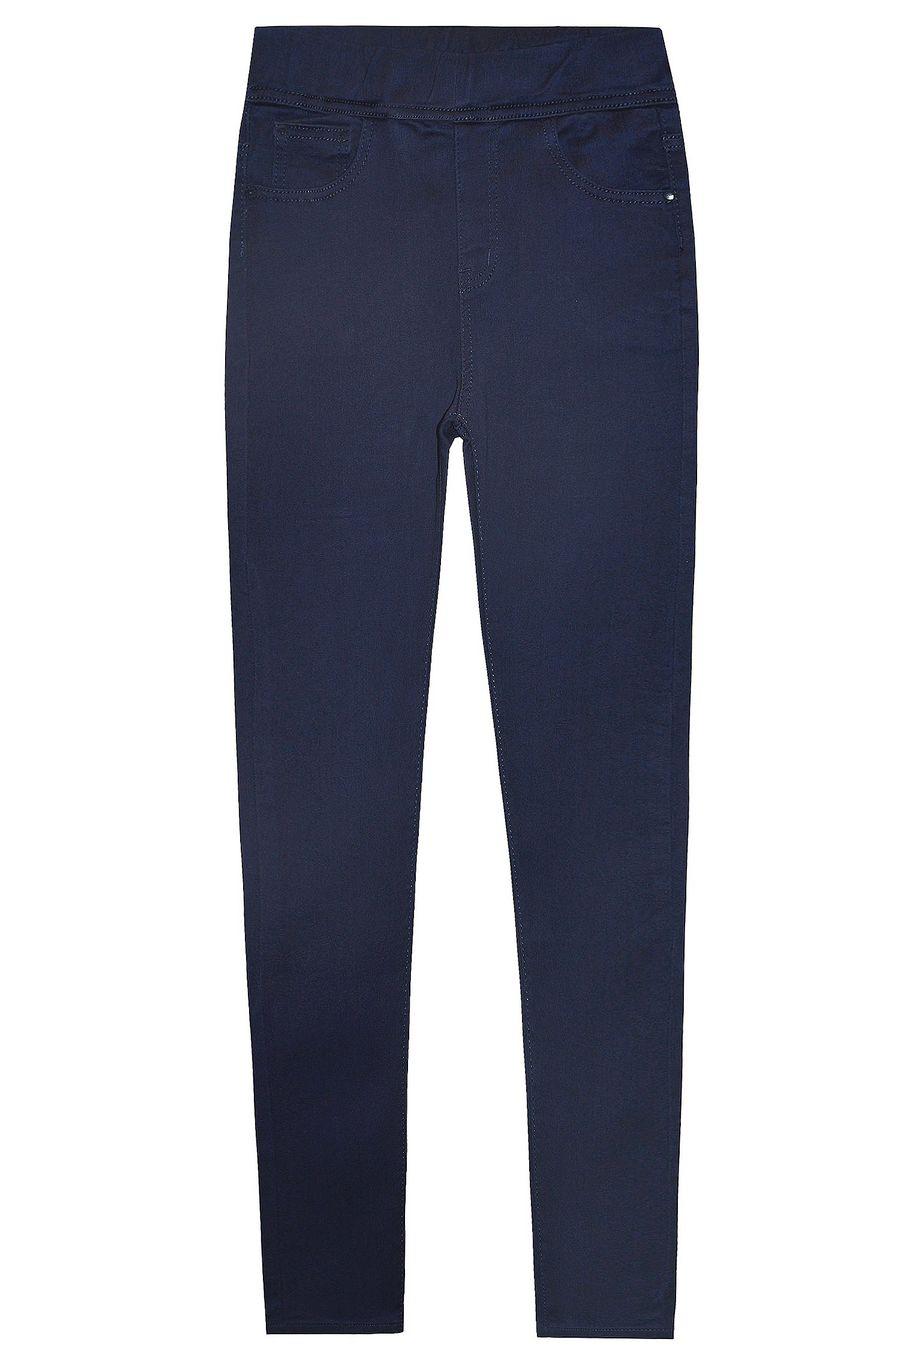 Джинсы женские K.Y Jeans 3254 - фото 1